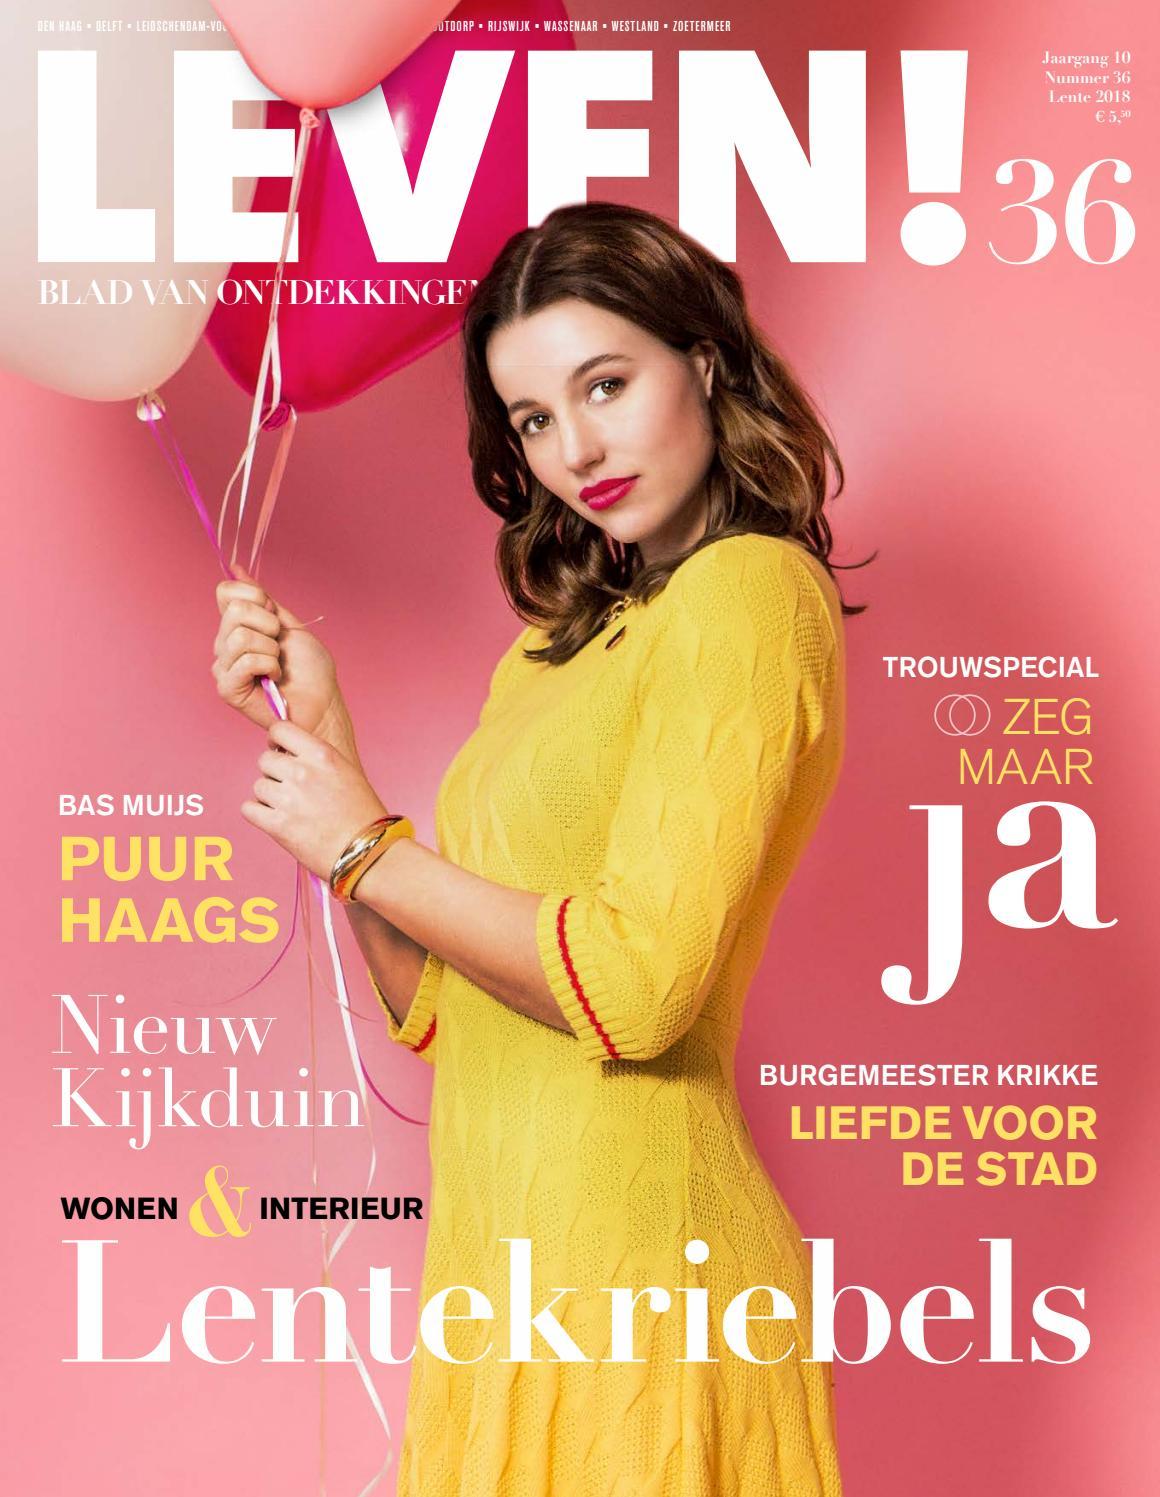 LEVEN! magazine regio Den Haag  36 by CieremansVanReijn - issuu ef58f579f1